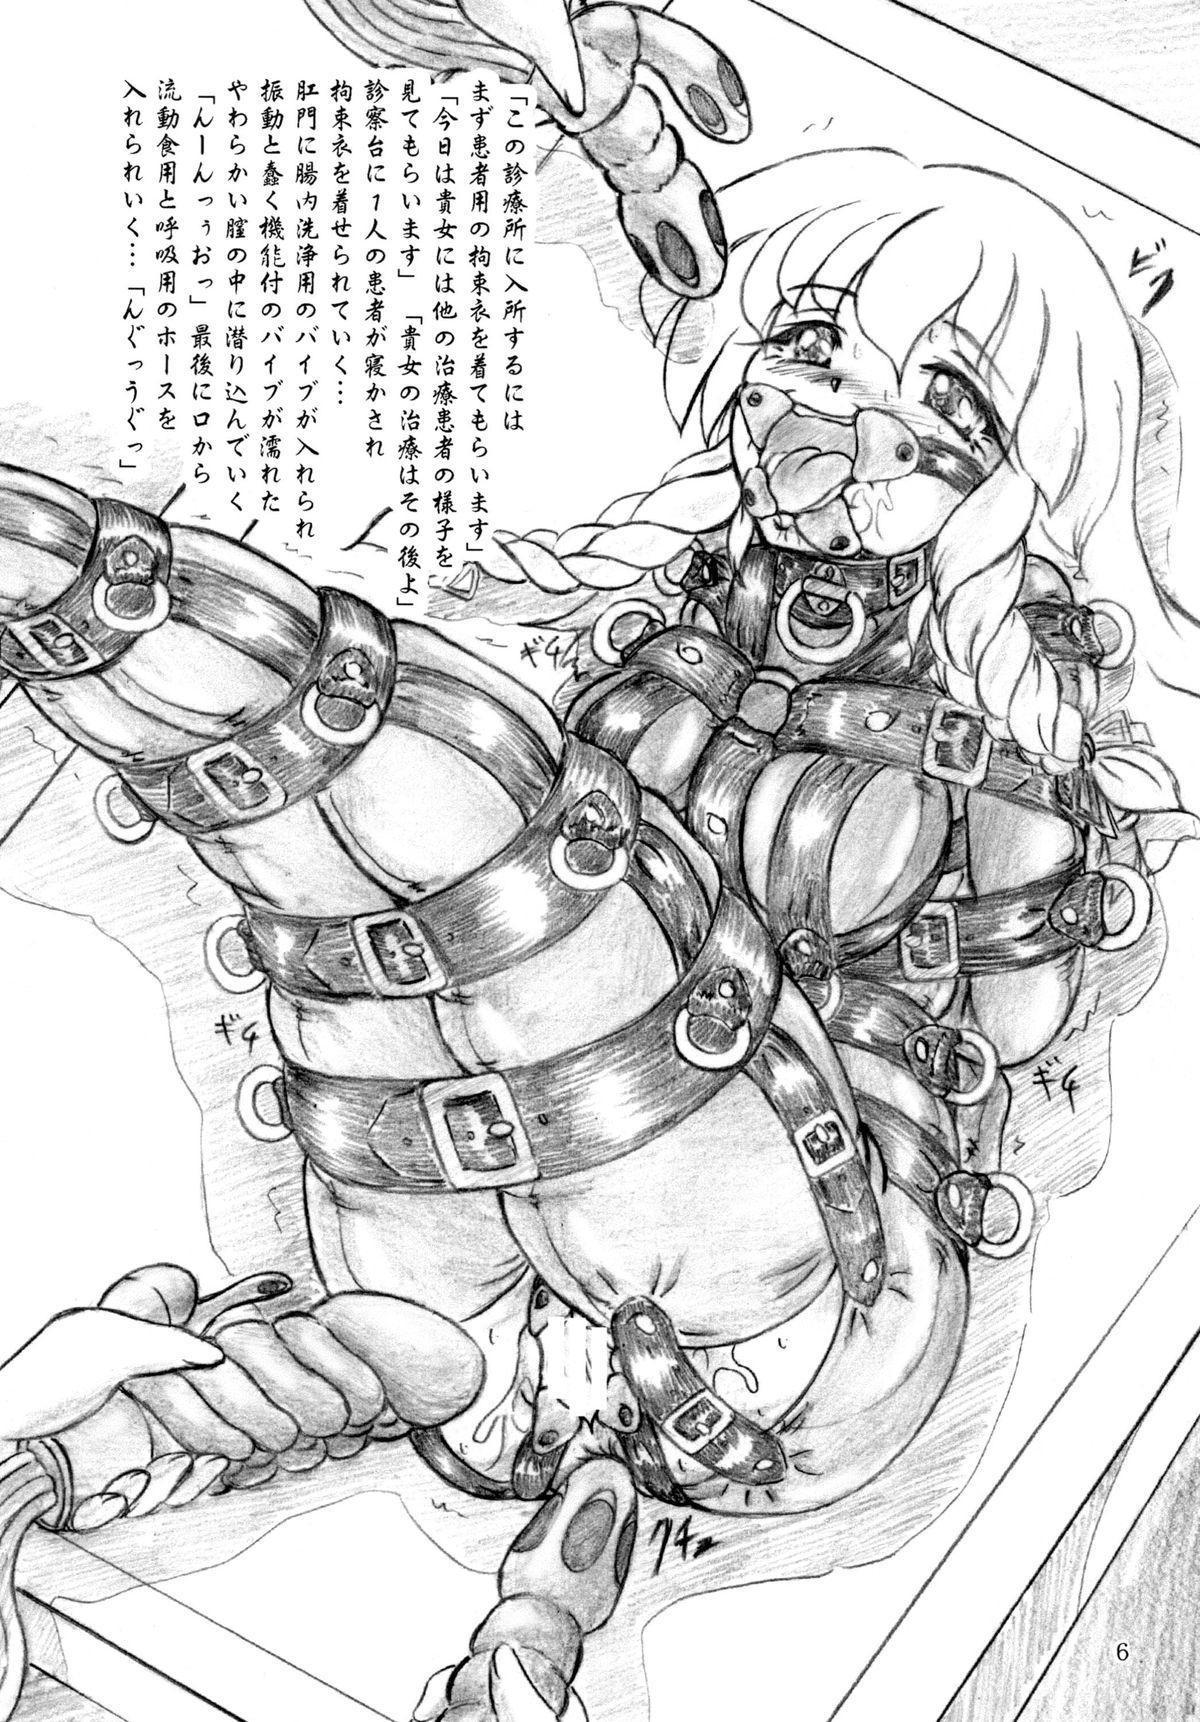 Seiyoku Shinryousho 5